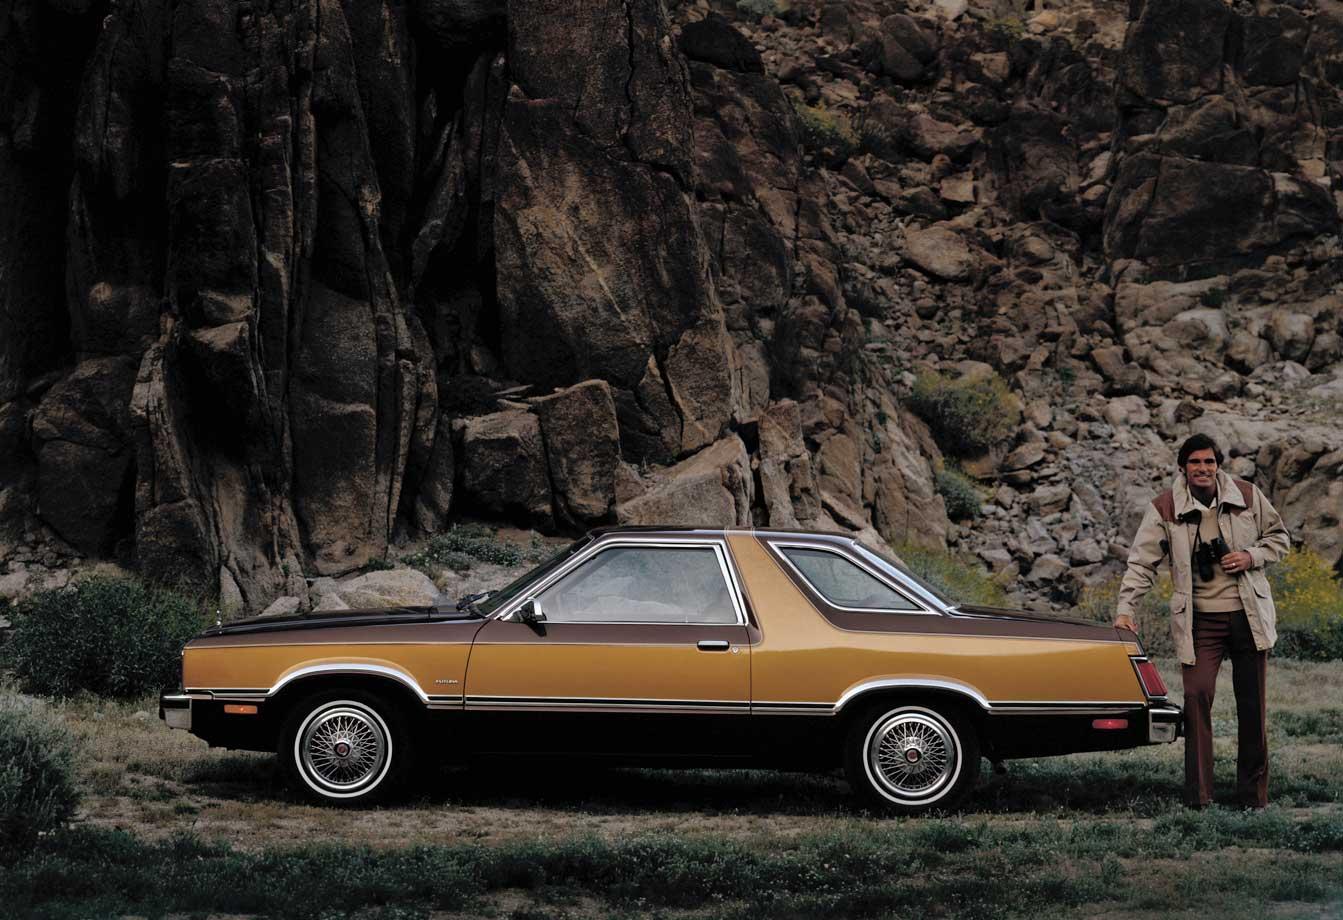 les plus belles photos de la Ford Fairmont Futura en version coupé et berline Ford_fairmont_futura_belle_photo_0013